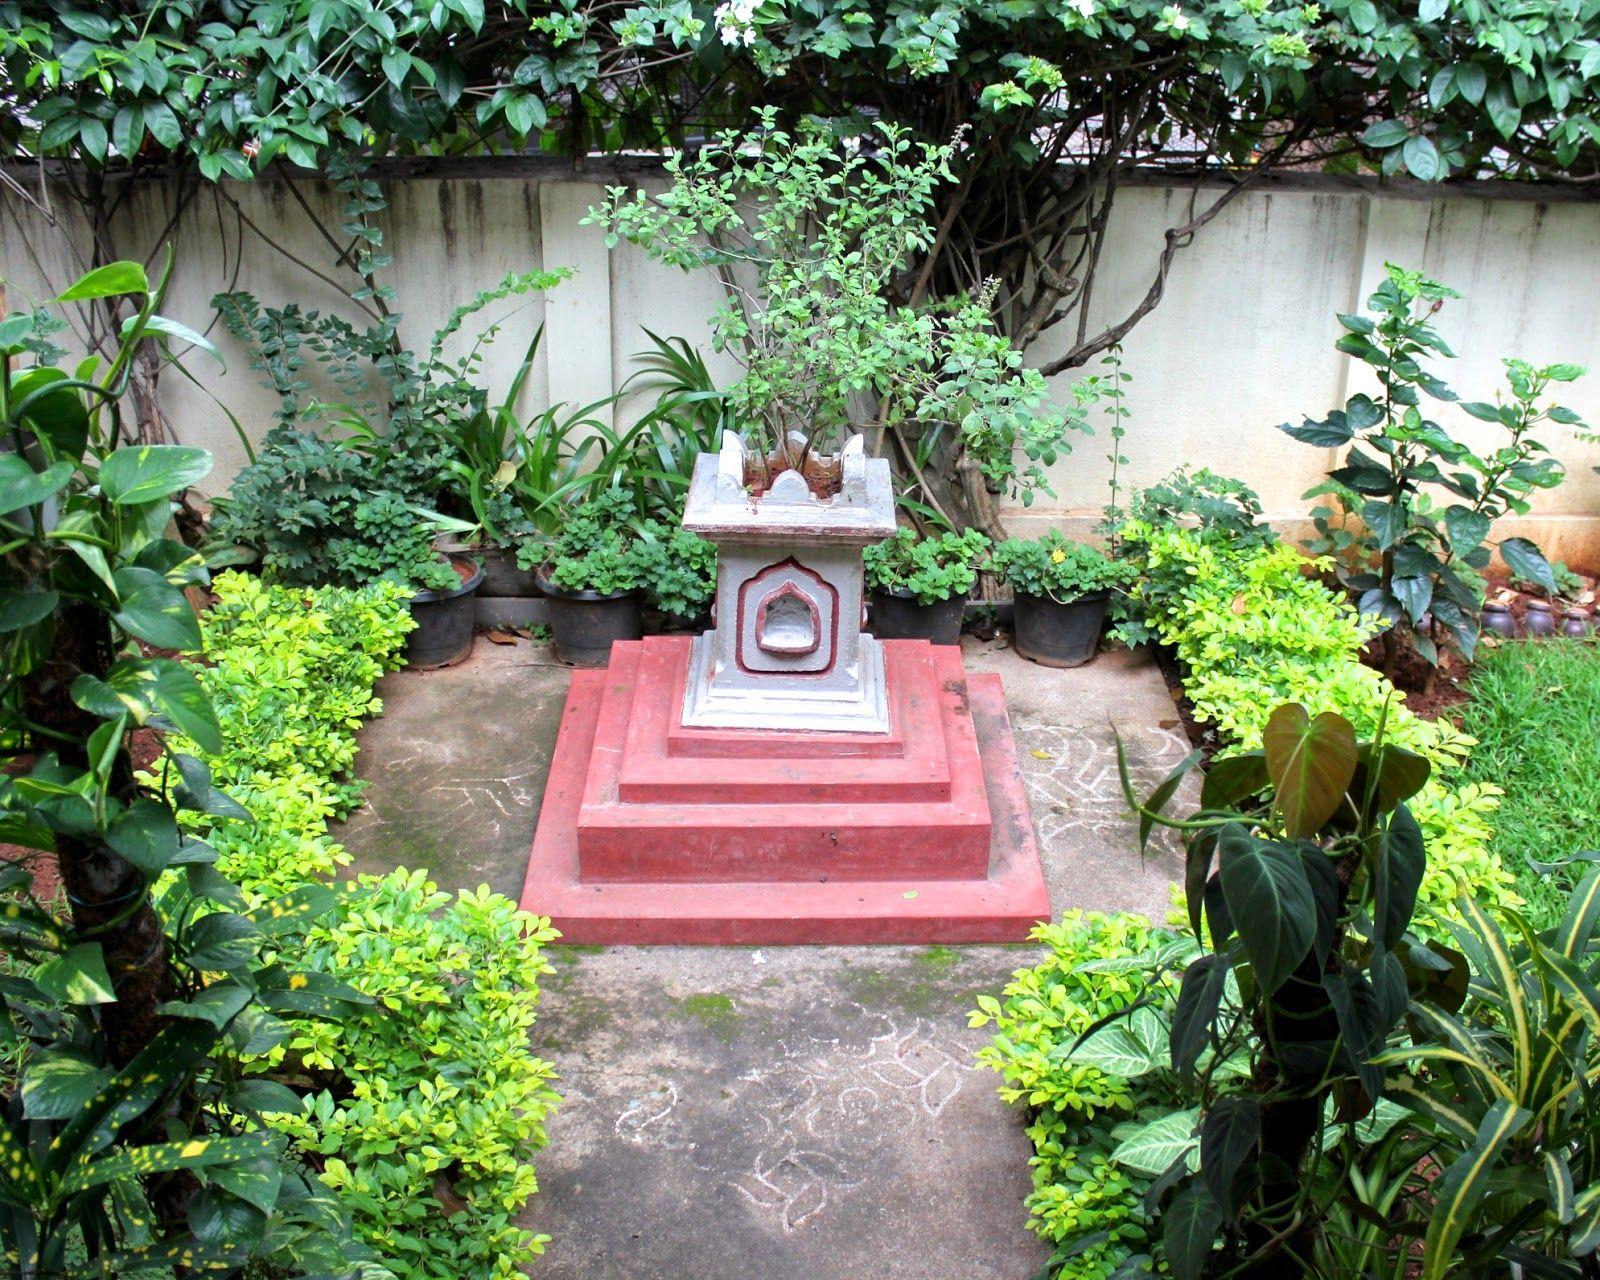 Red House Garden An Indian Garden Indian garden, Home